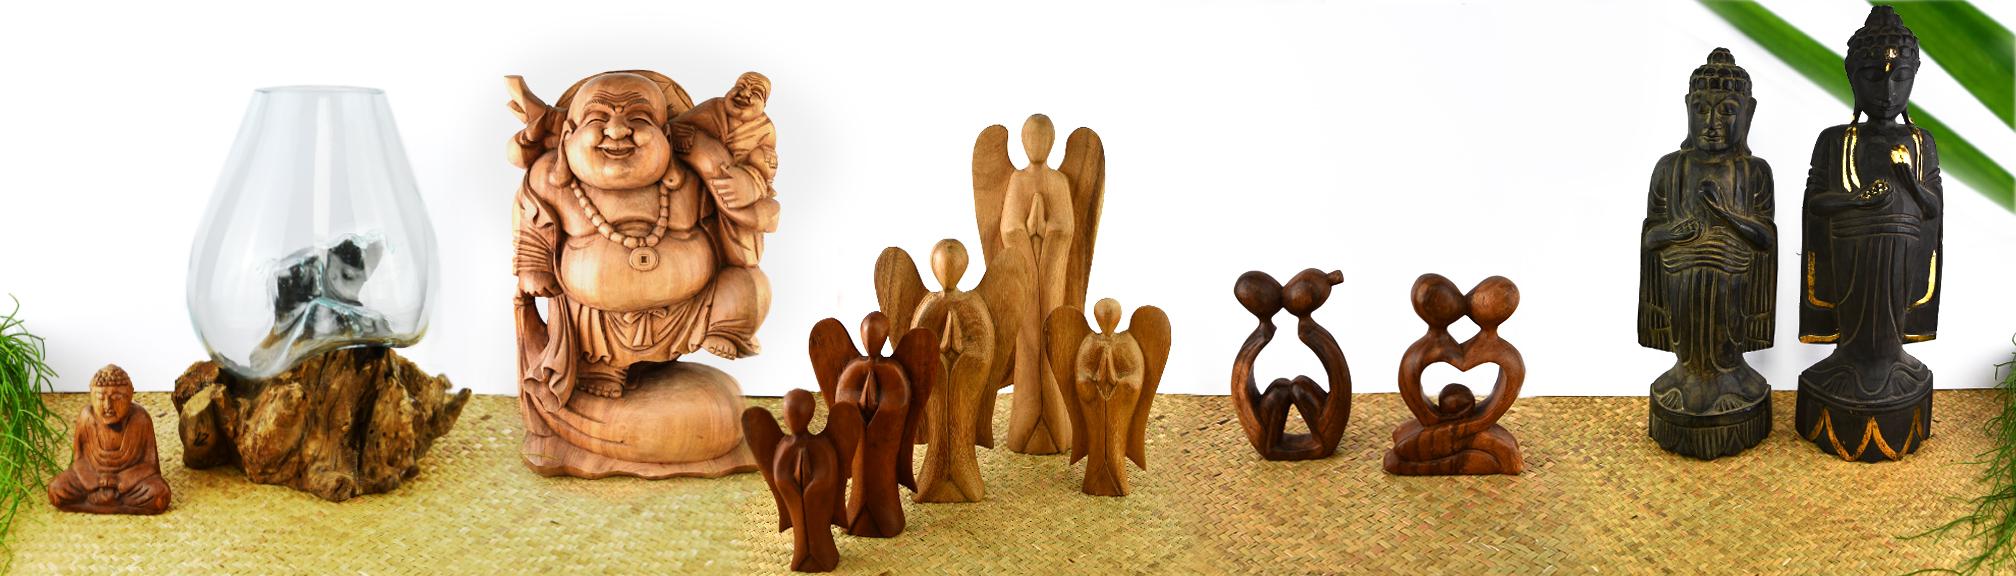 Skulpturen und Holzwaren